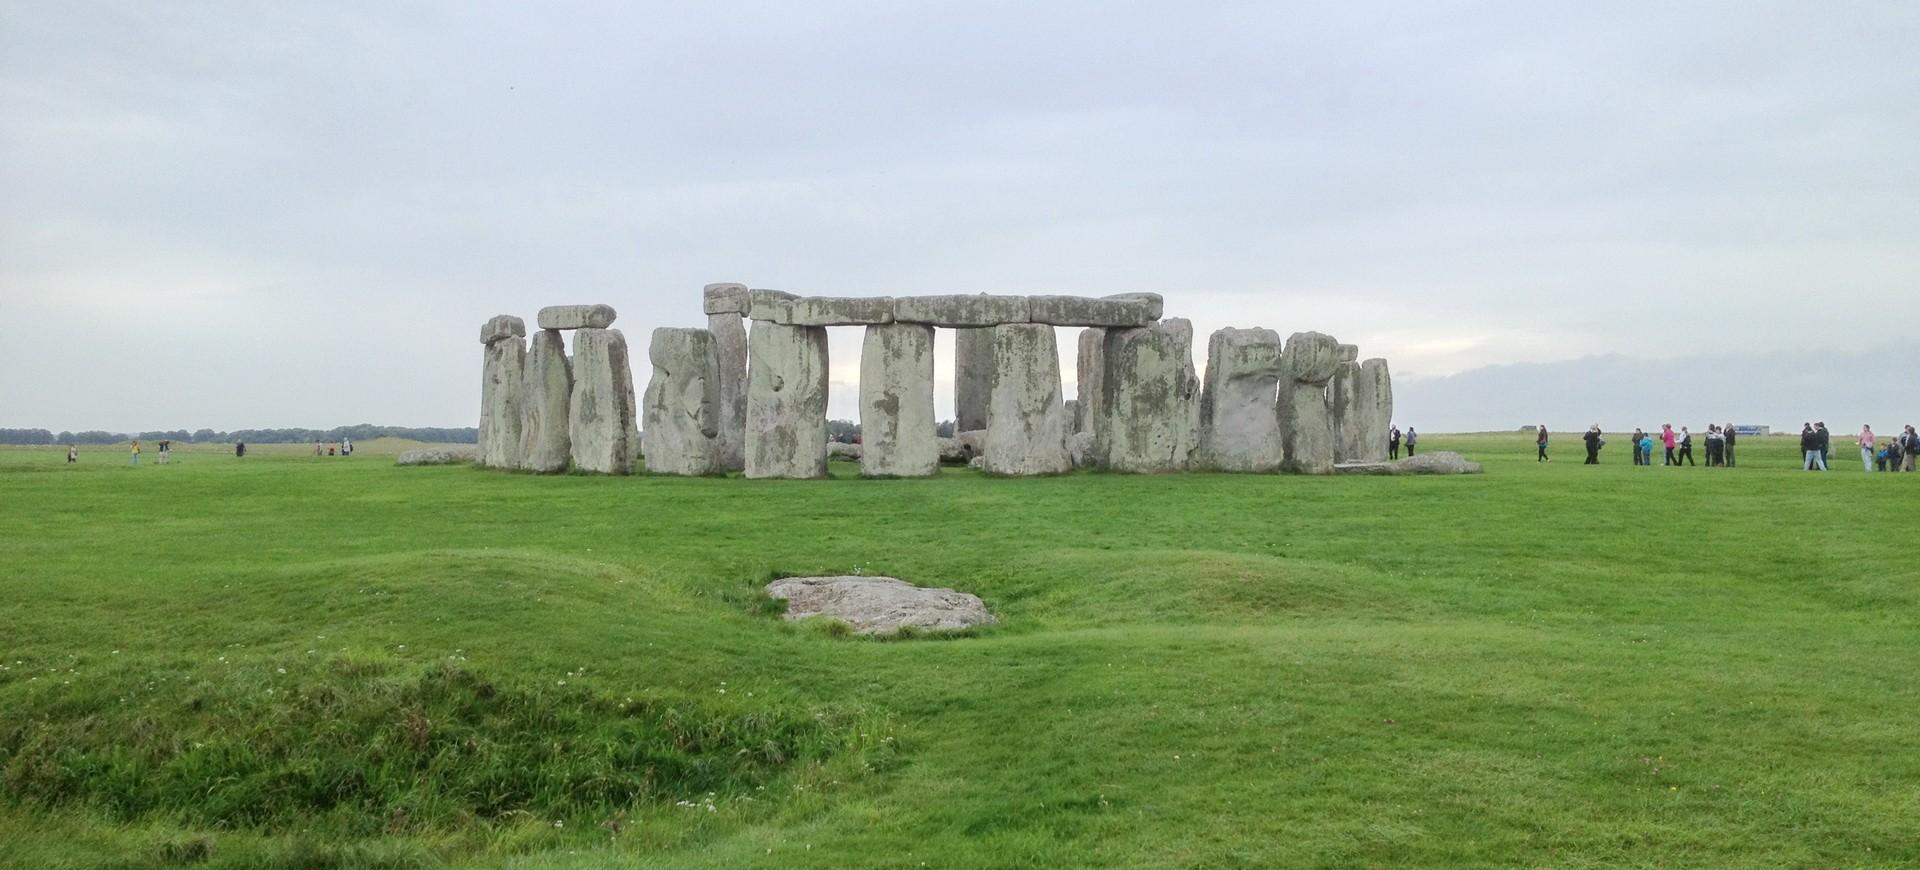 Royaume Uni Stonehenge monument mégalithique